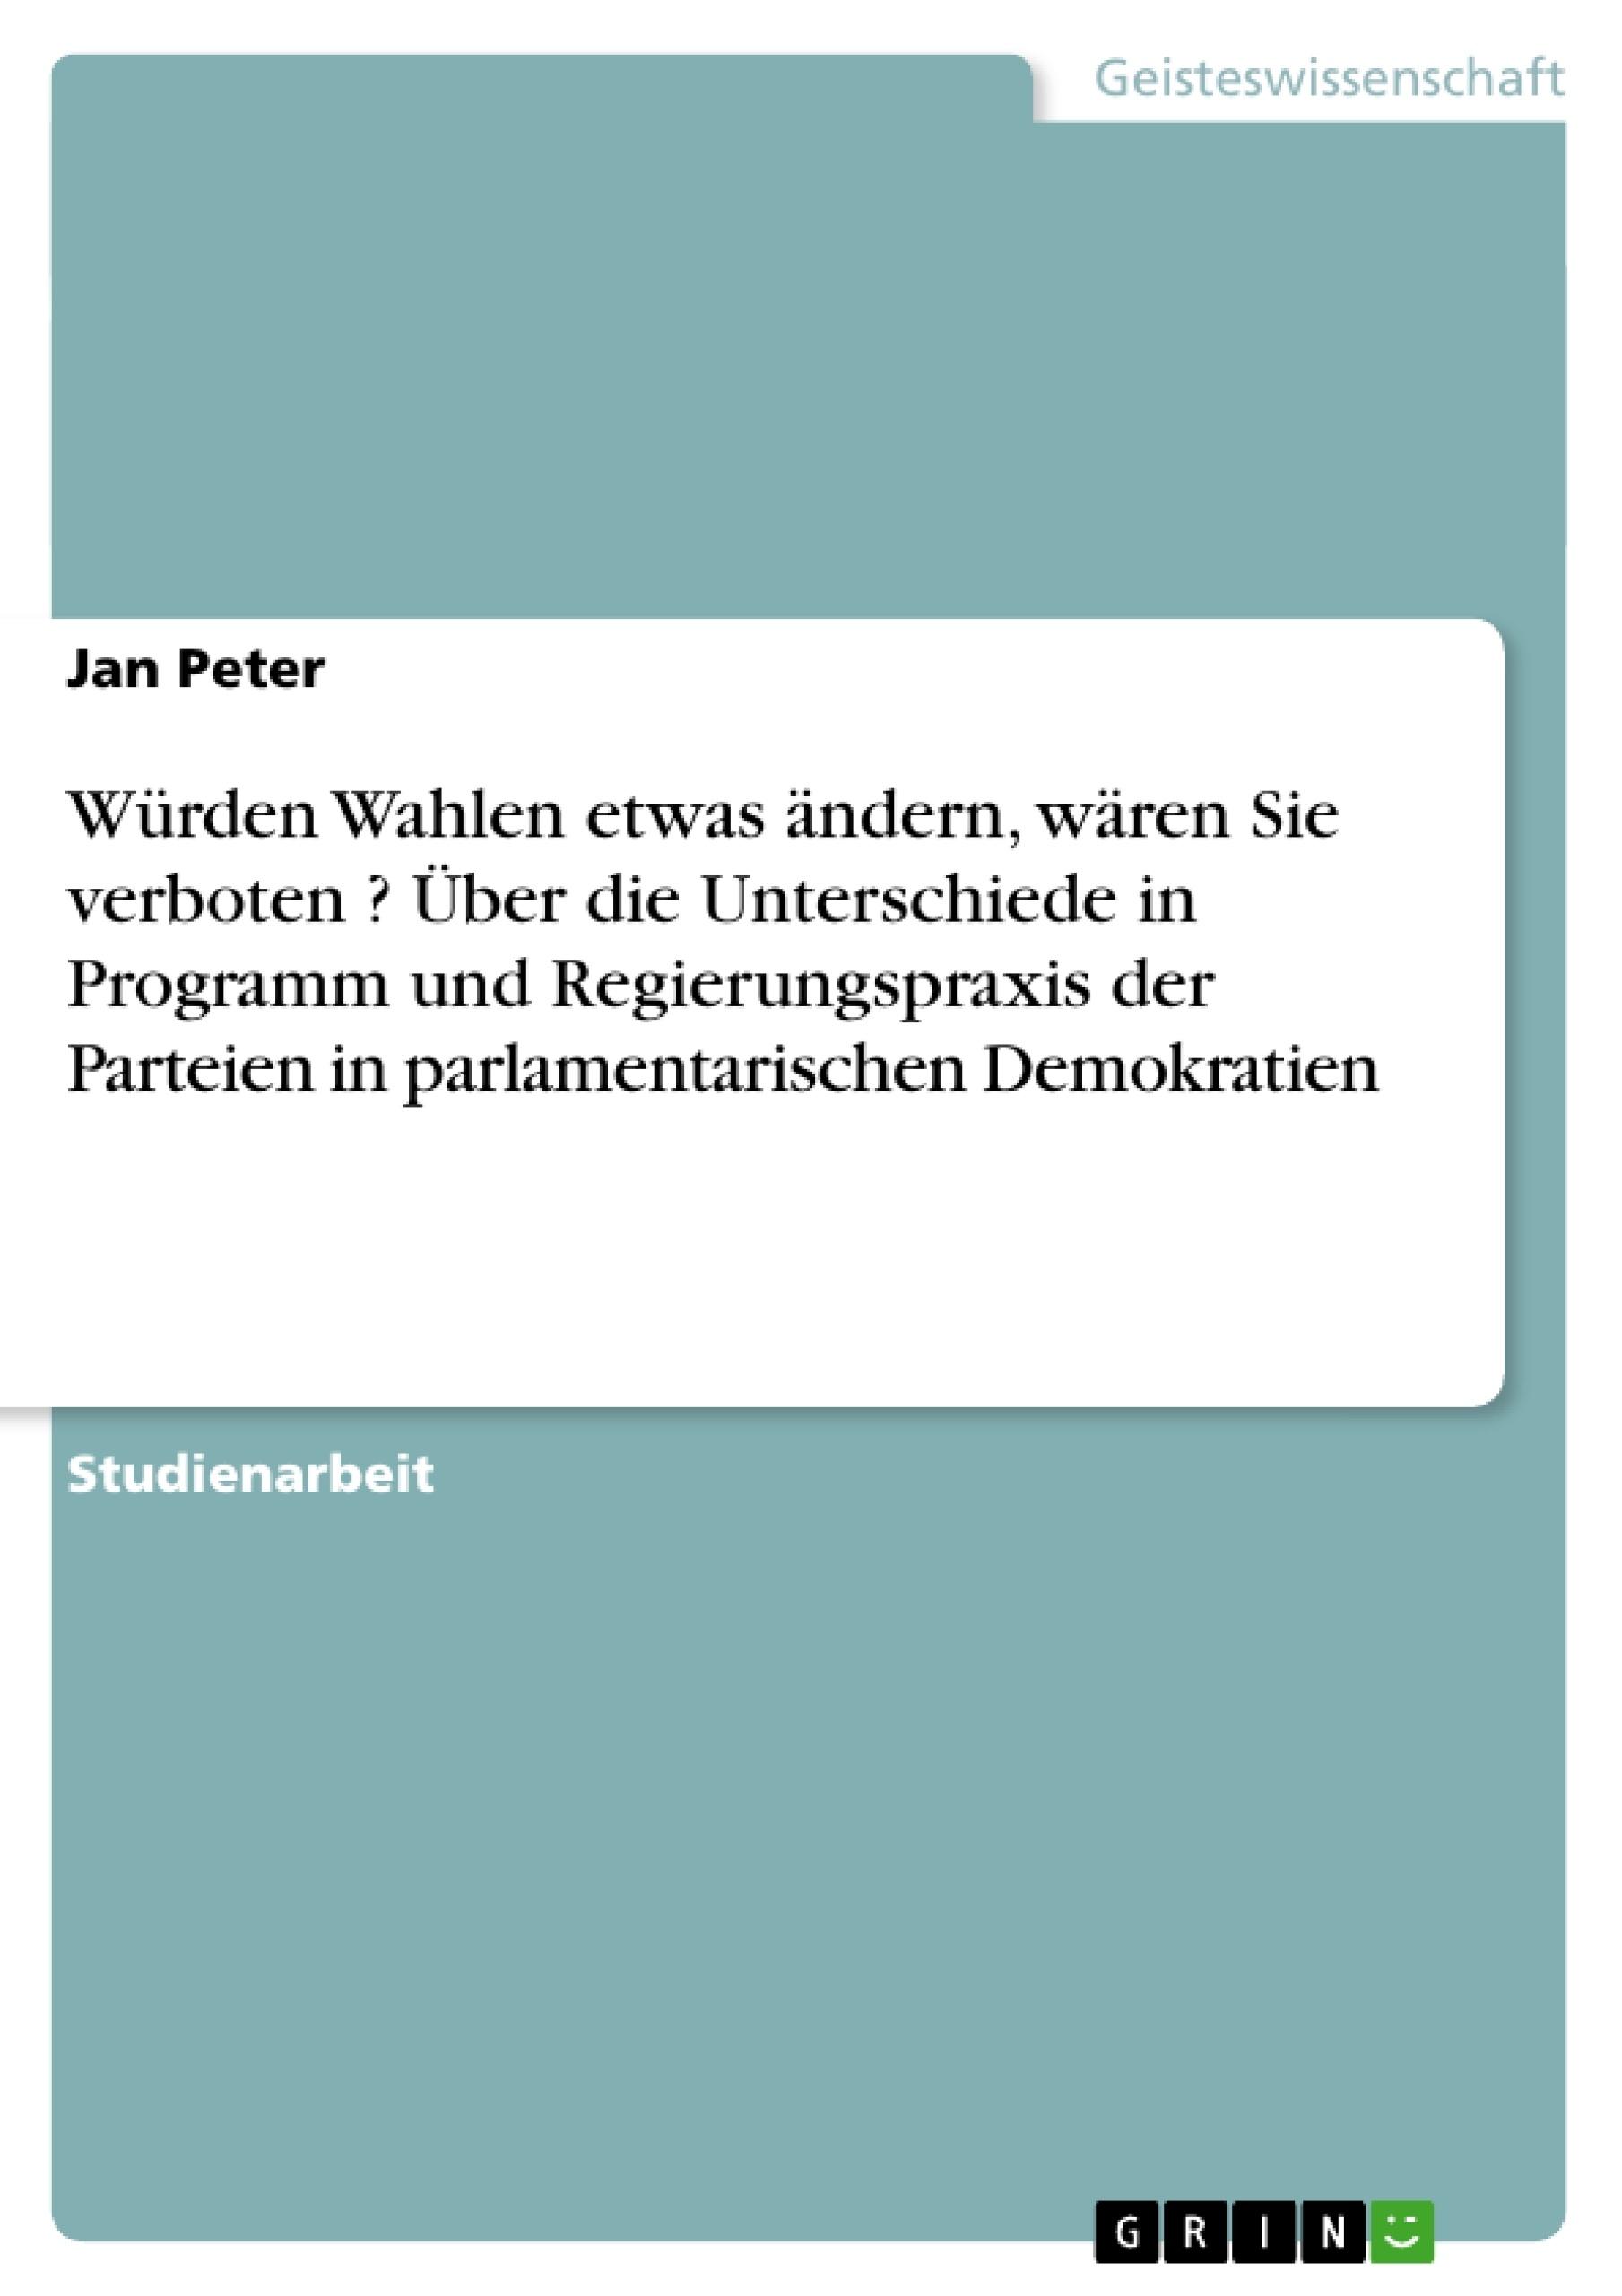 Titel: Würden Wahlen etwas ändern, wären Sie verboten ? Über die Unterschiede in Programm und Regierungspraxis der Parteien in parlamentarischen Demokratien